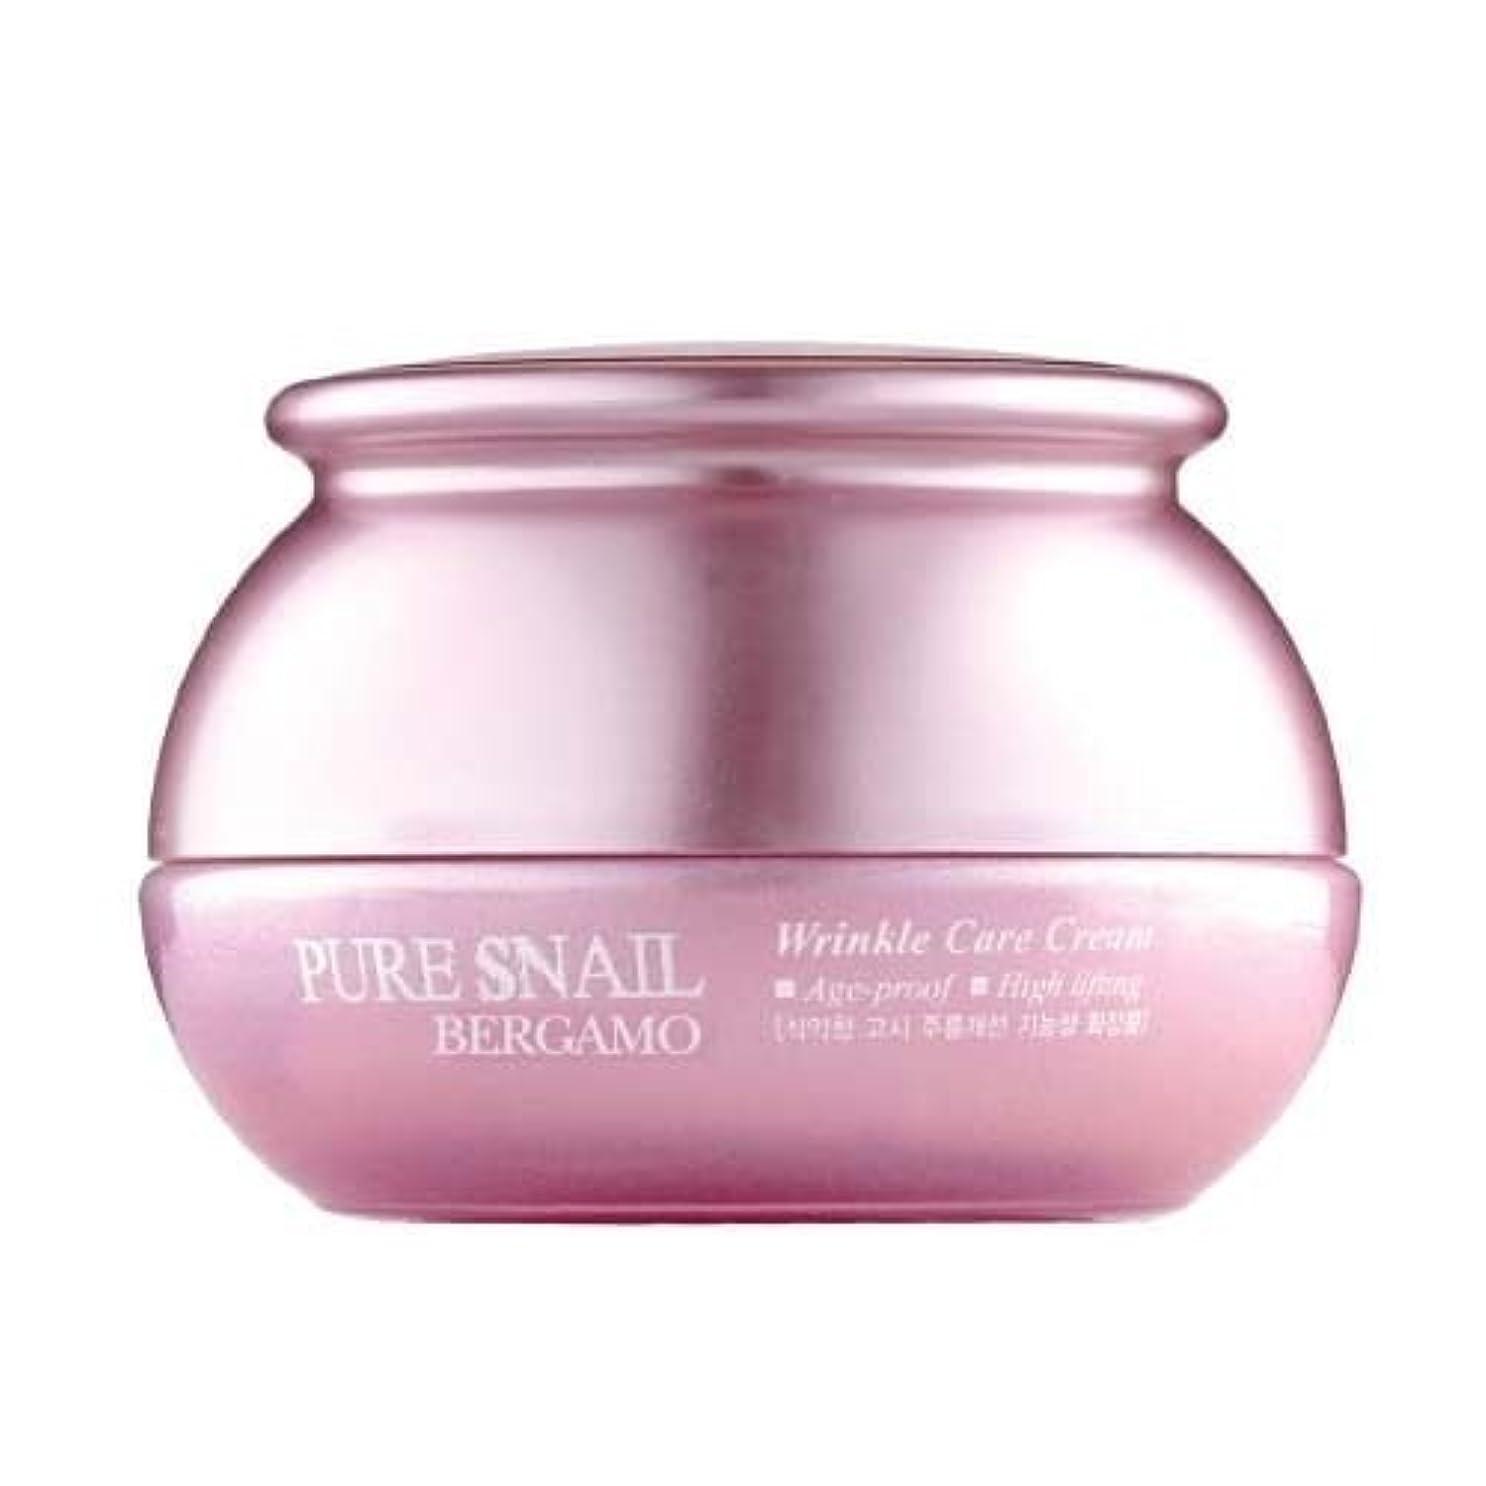 銃印象メディカルベルガモ[韓国コスメBergamo]Pure Snail Wrinkle Care Cream カタツムリリンクルケアクリーム50ml しわ管理 [並行輸入品]